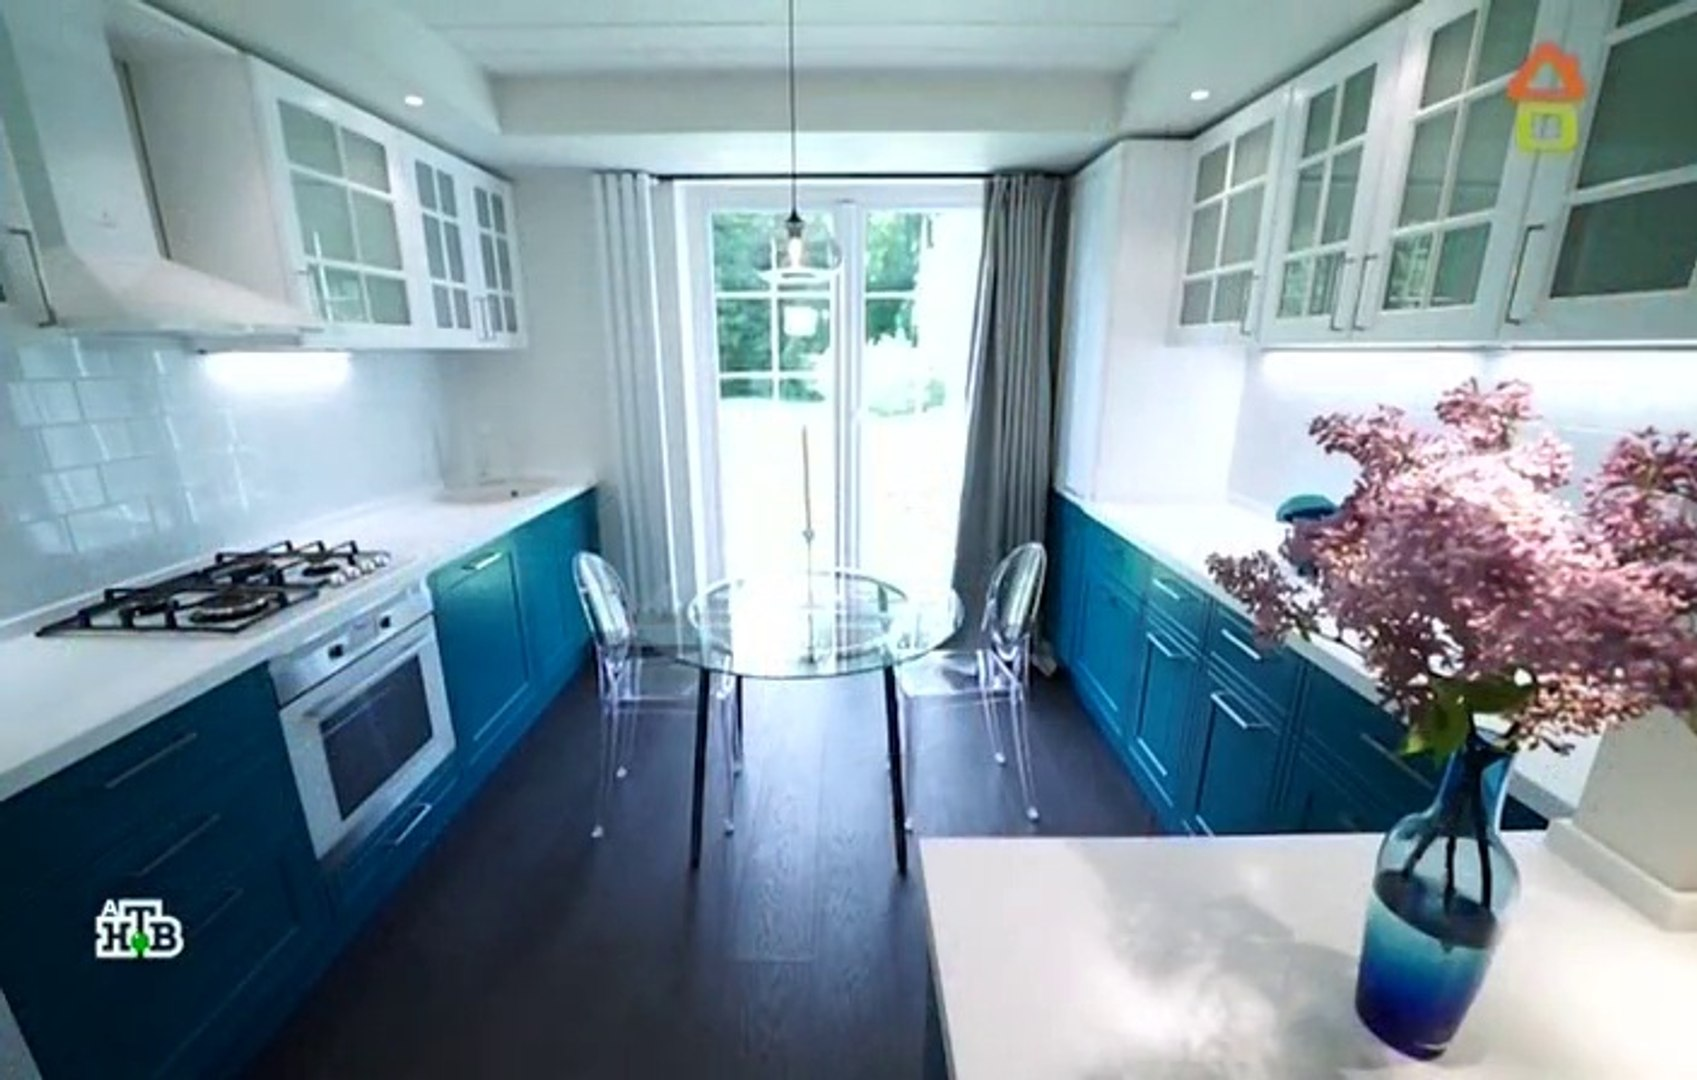 Кухня в дачном домике Дачный ответ 3.06.18